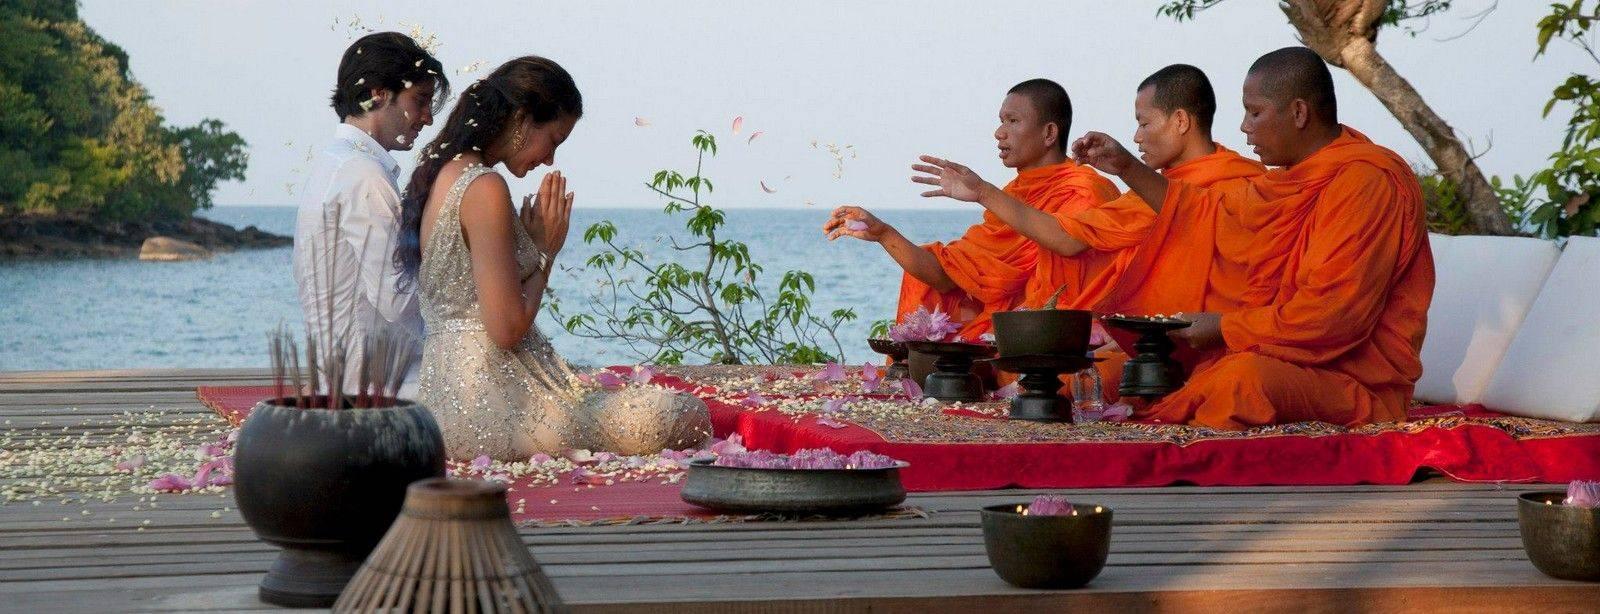 Una bendición por monjes budistas en el viaje de novios